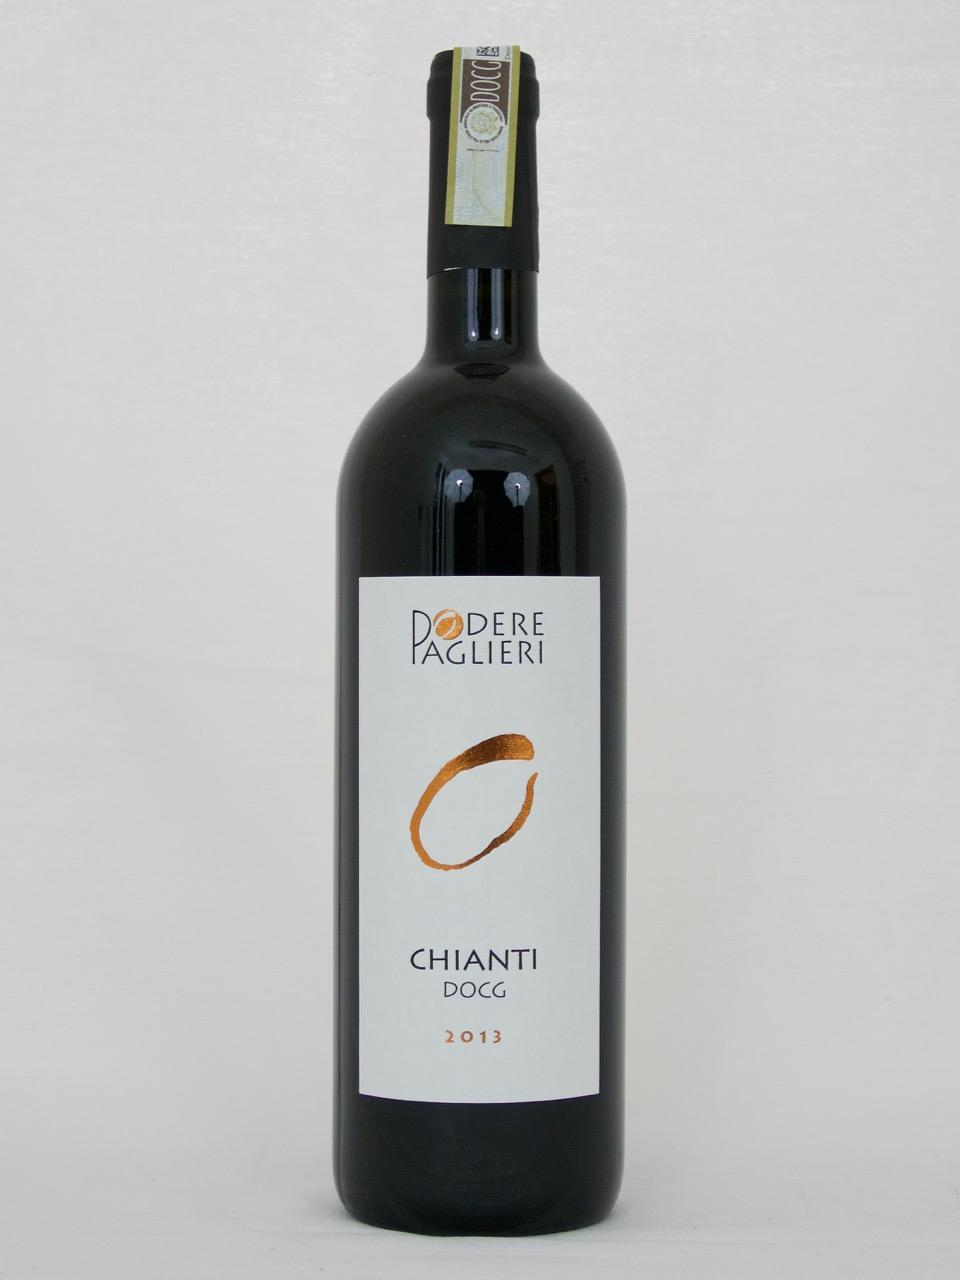 Chianti DOCG 2013 (13,5%Vol) <br /> Podere Paglieri